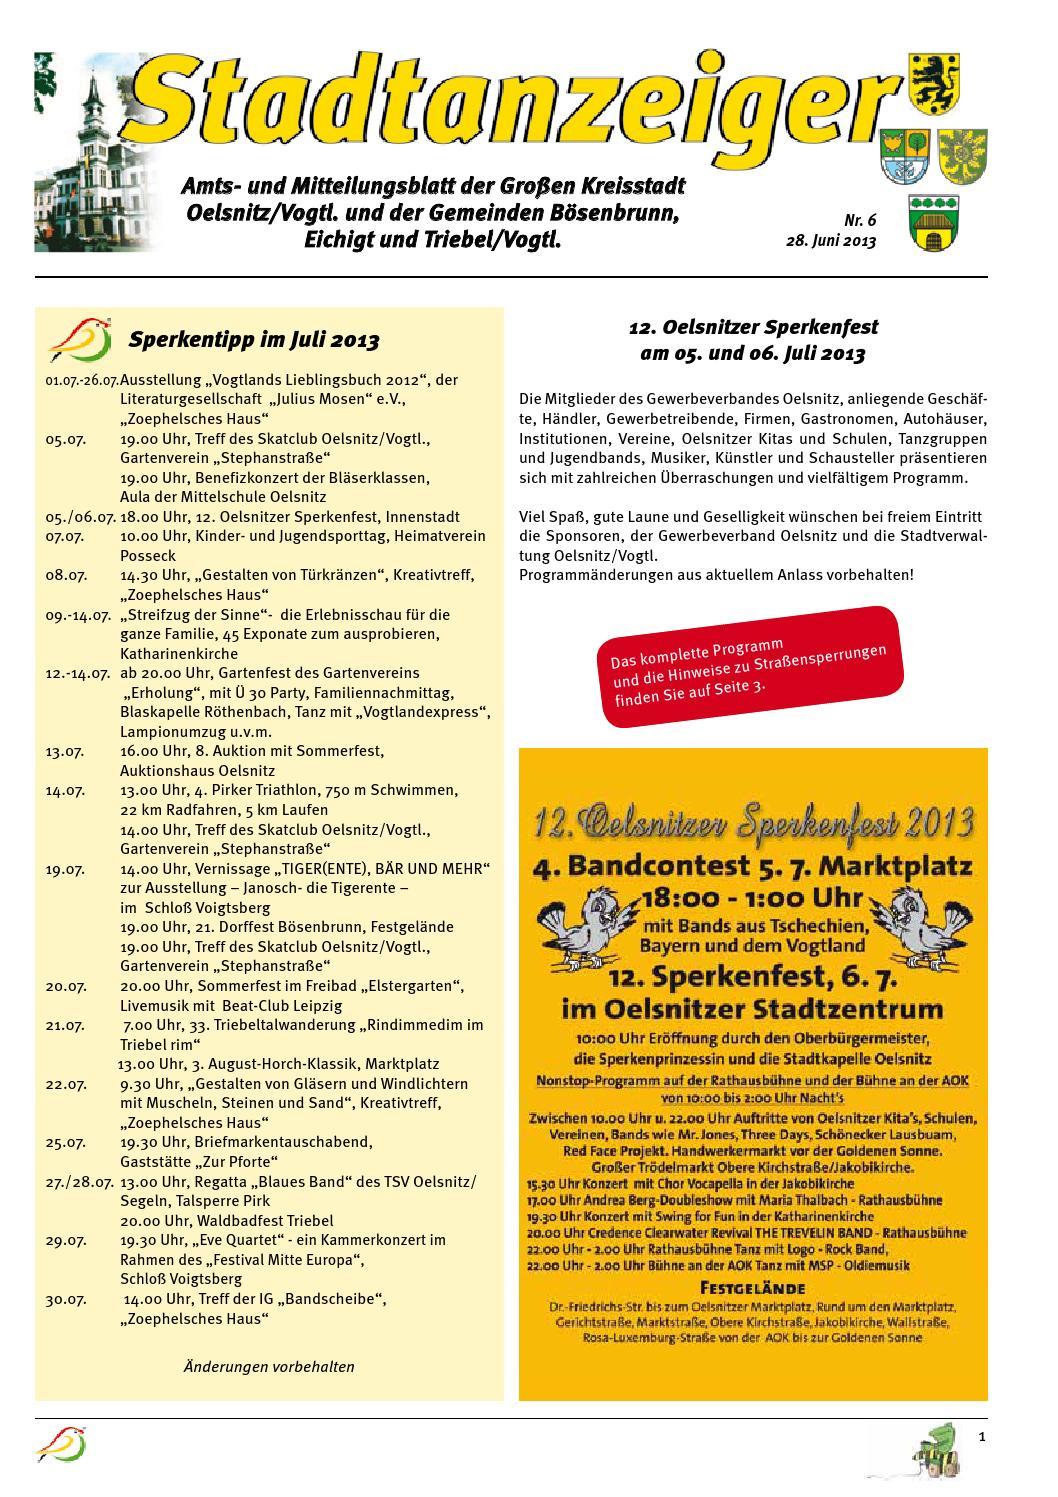 Charmant Zusammenfassung Der Qualifikationen Im Lebenslauf Für Den ...